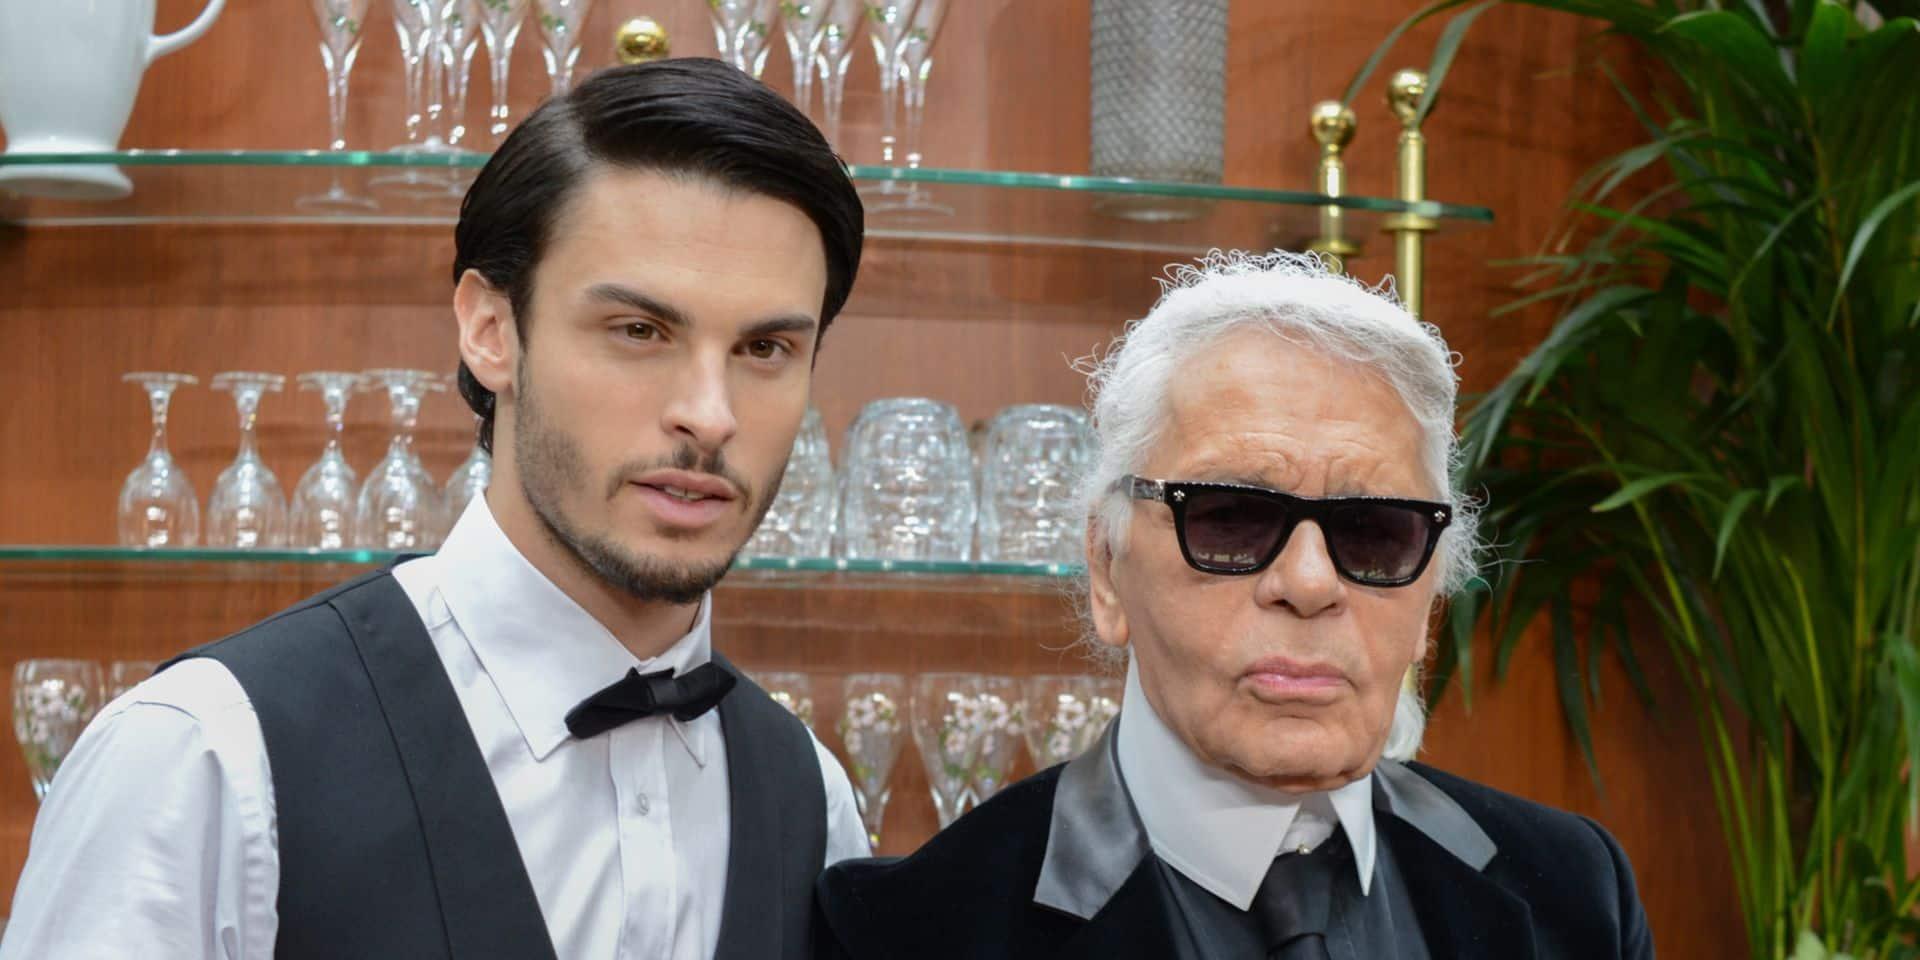 Le dernier hommage de Baptiste Giabiconi à Karl Lagerfeld